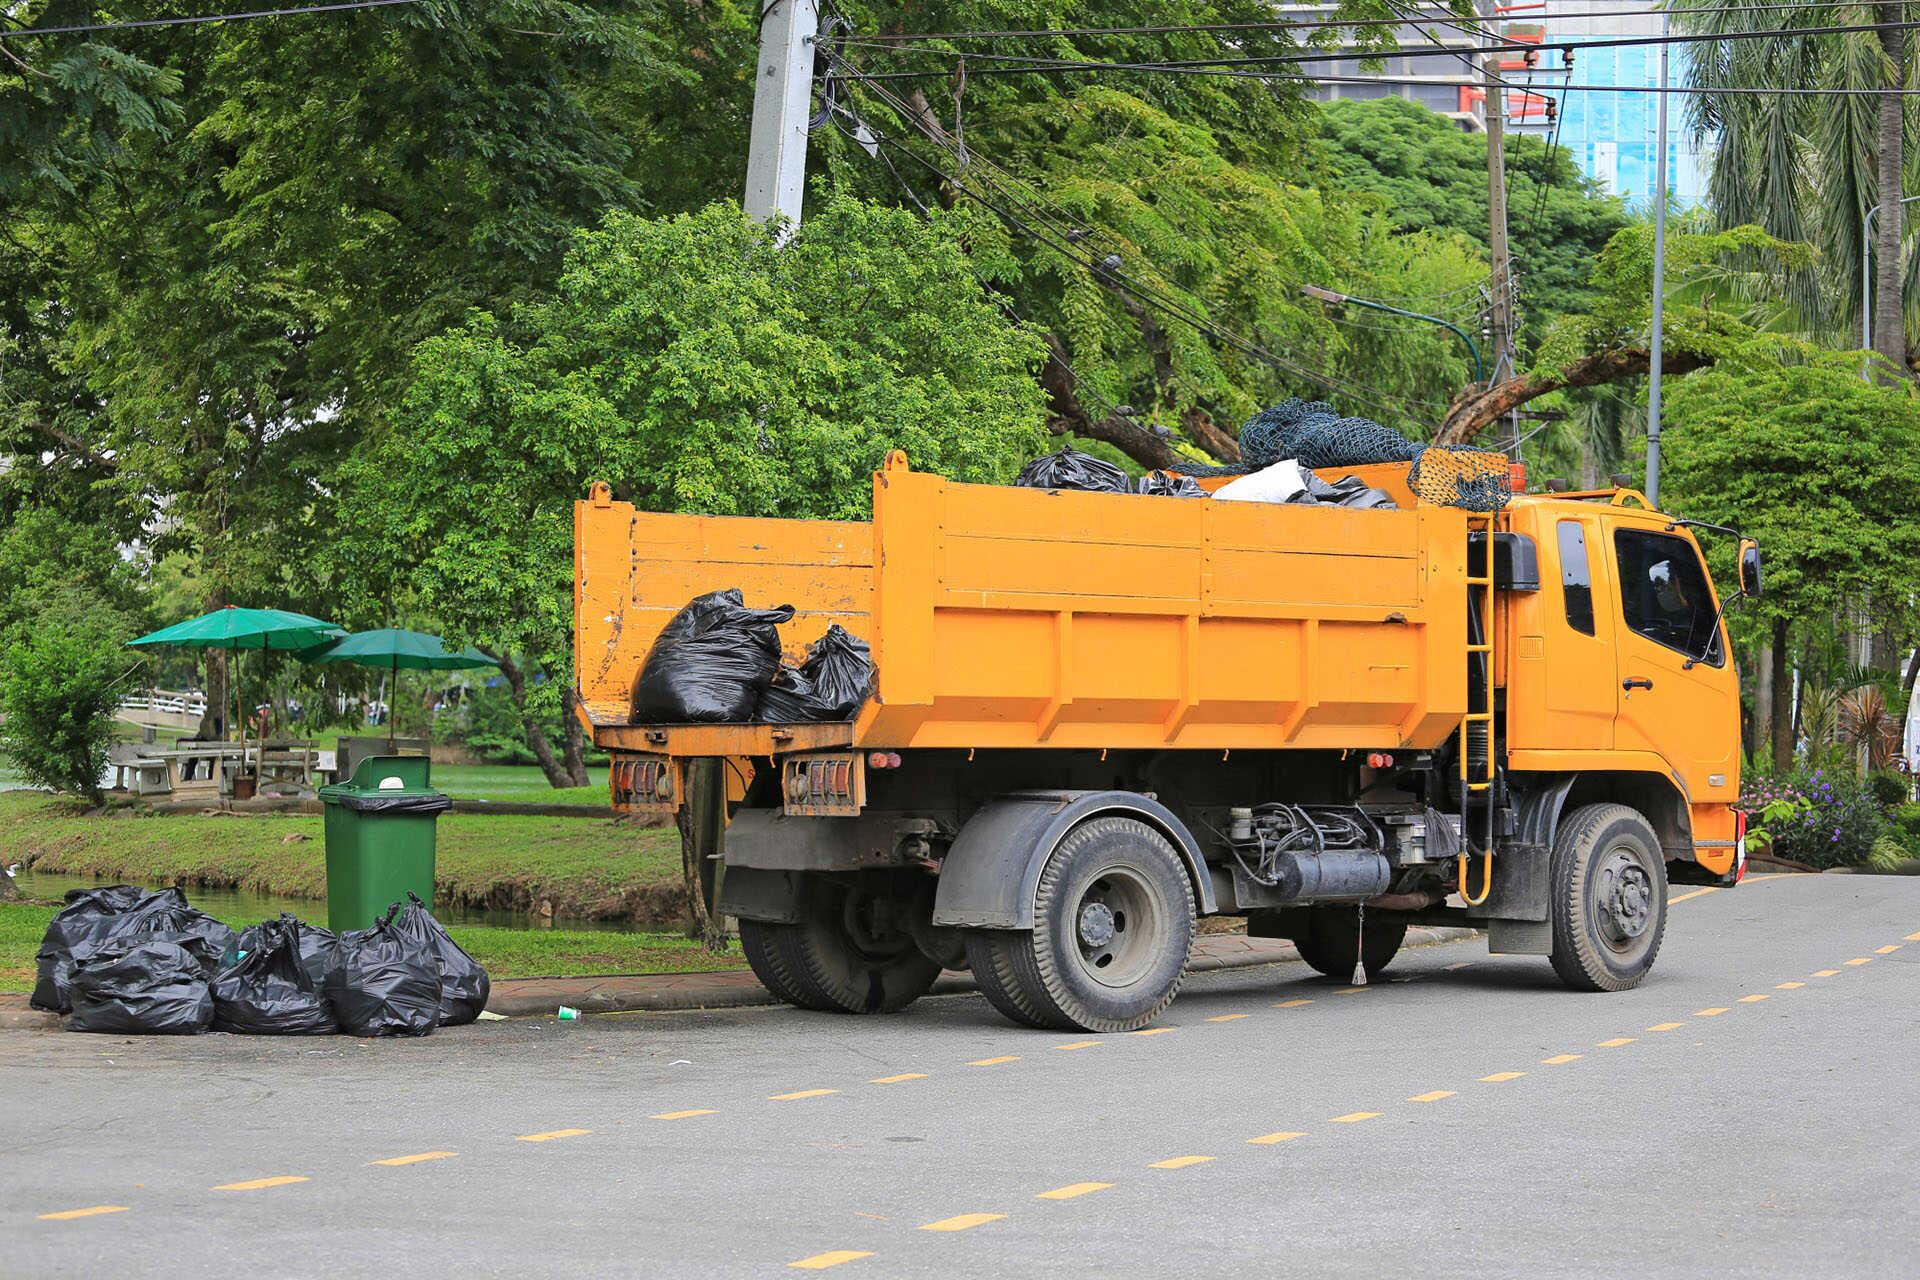 Müllentsorgung in der nähe